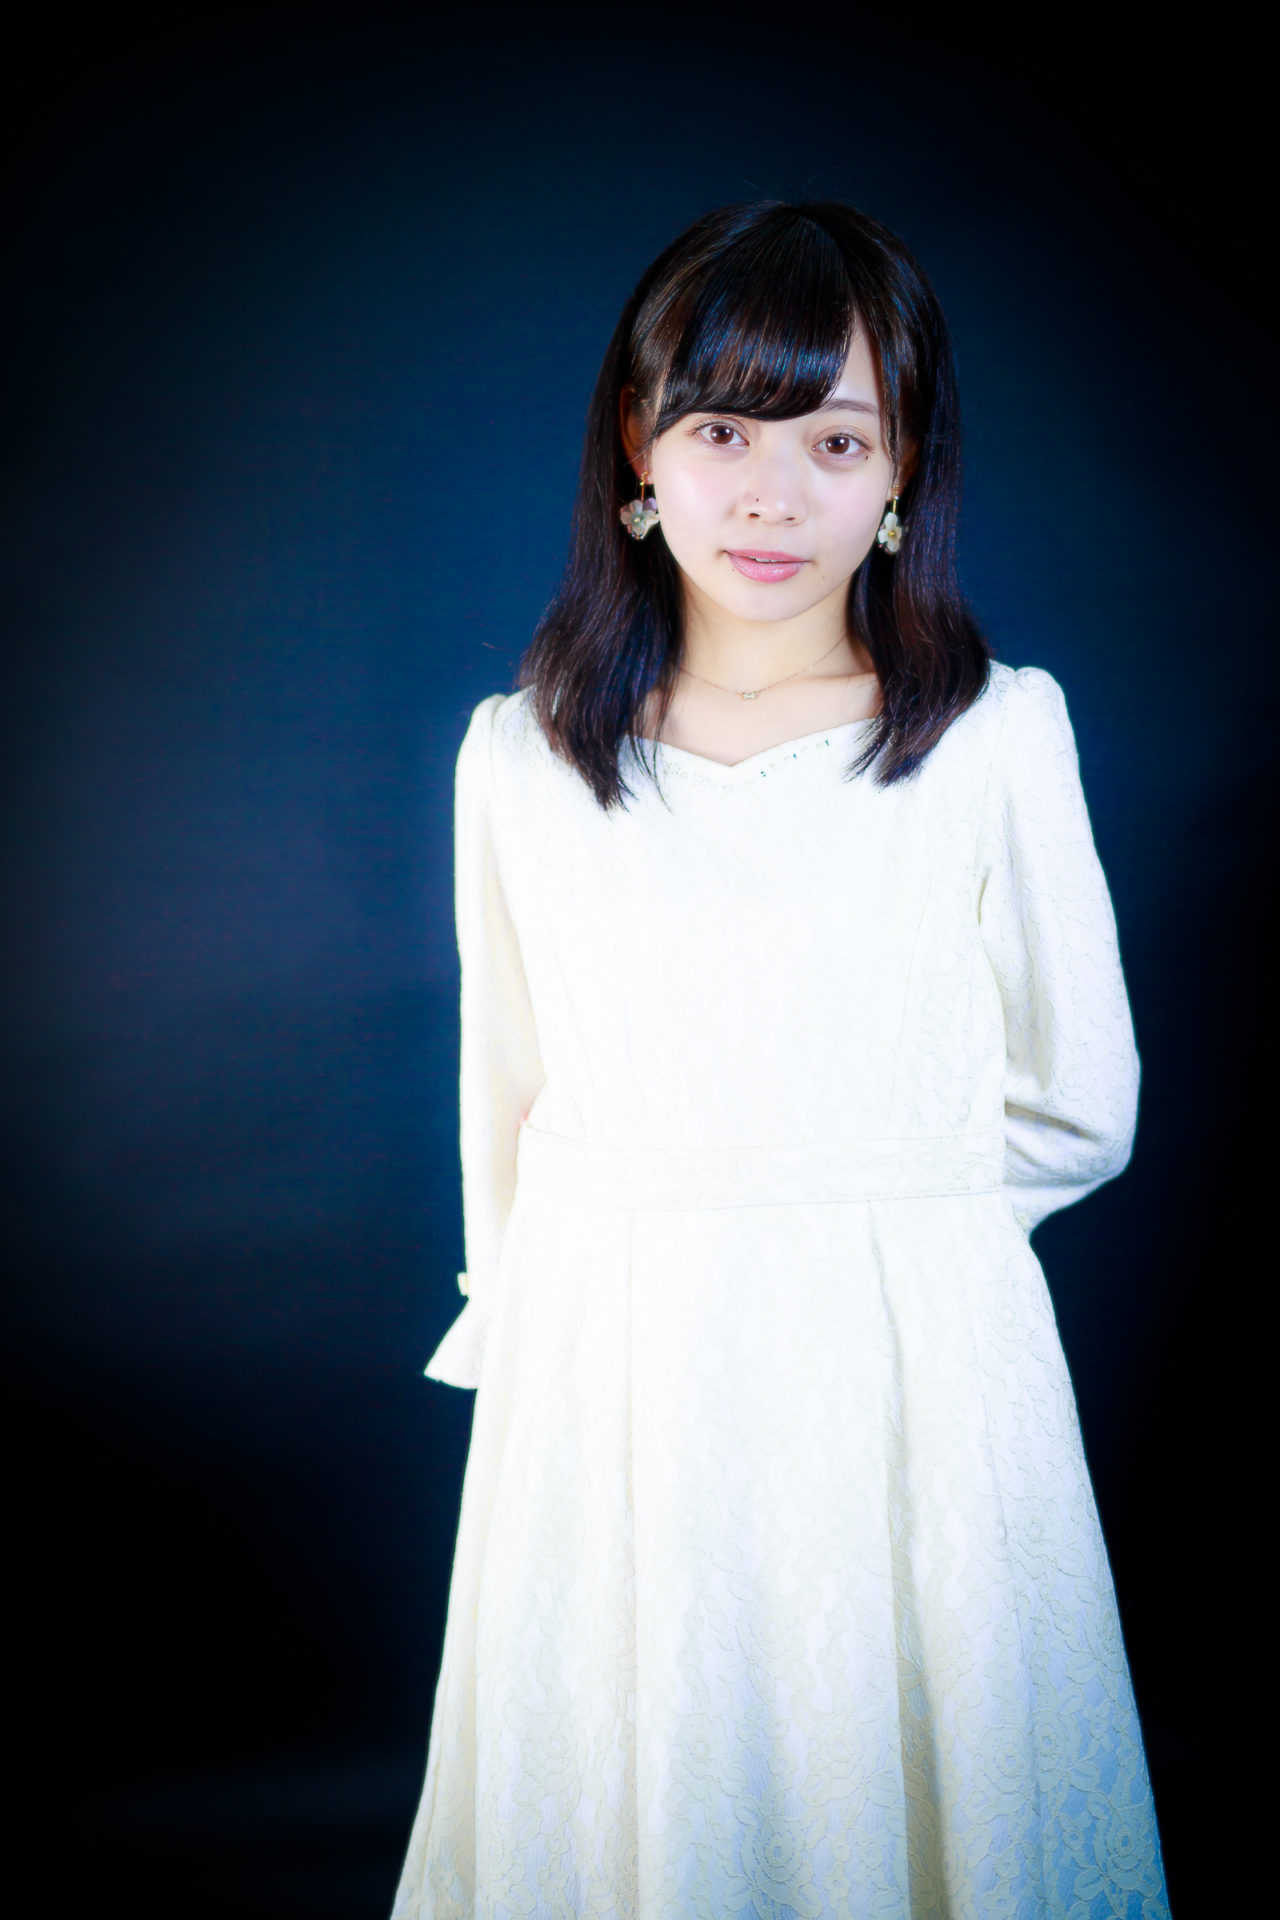 2代目HAPPY少女♪ ゆいな ( 宮崎ゆいな ) | 撮影会 in 事務所撮影スタジオ